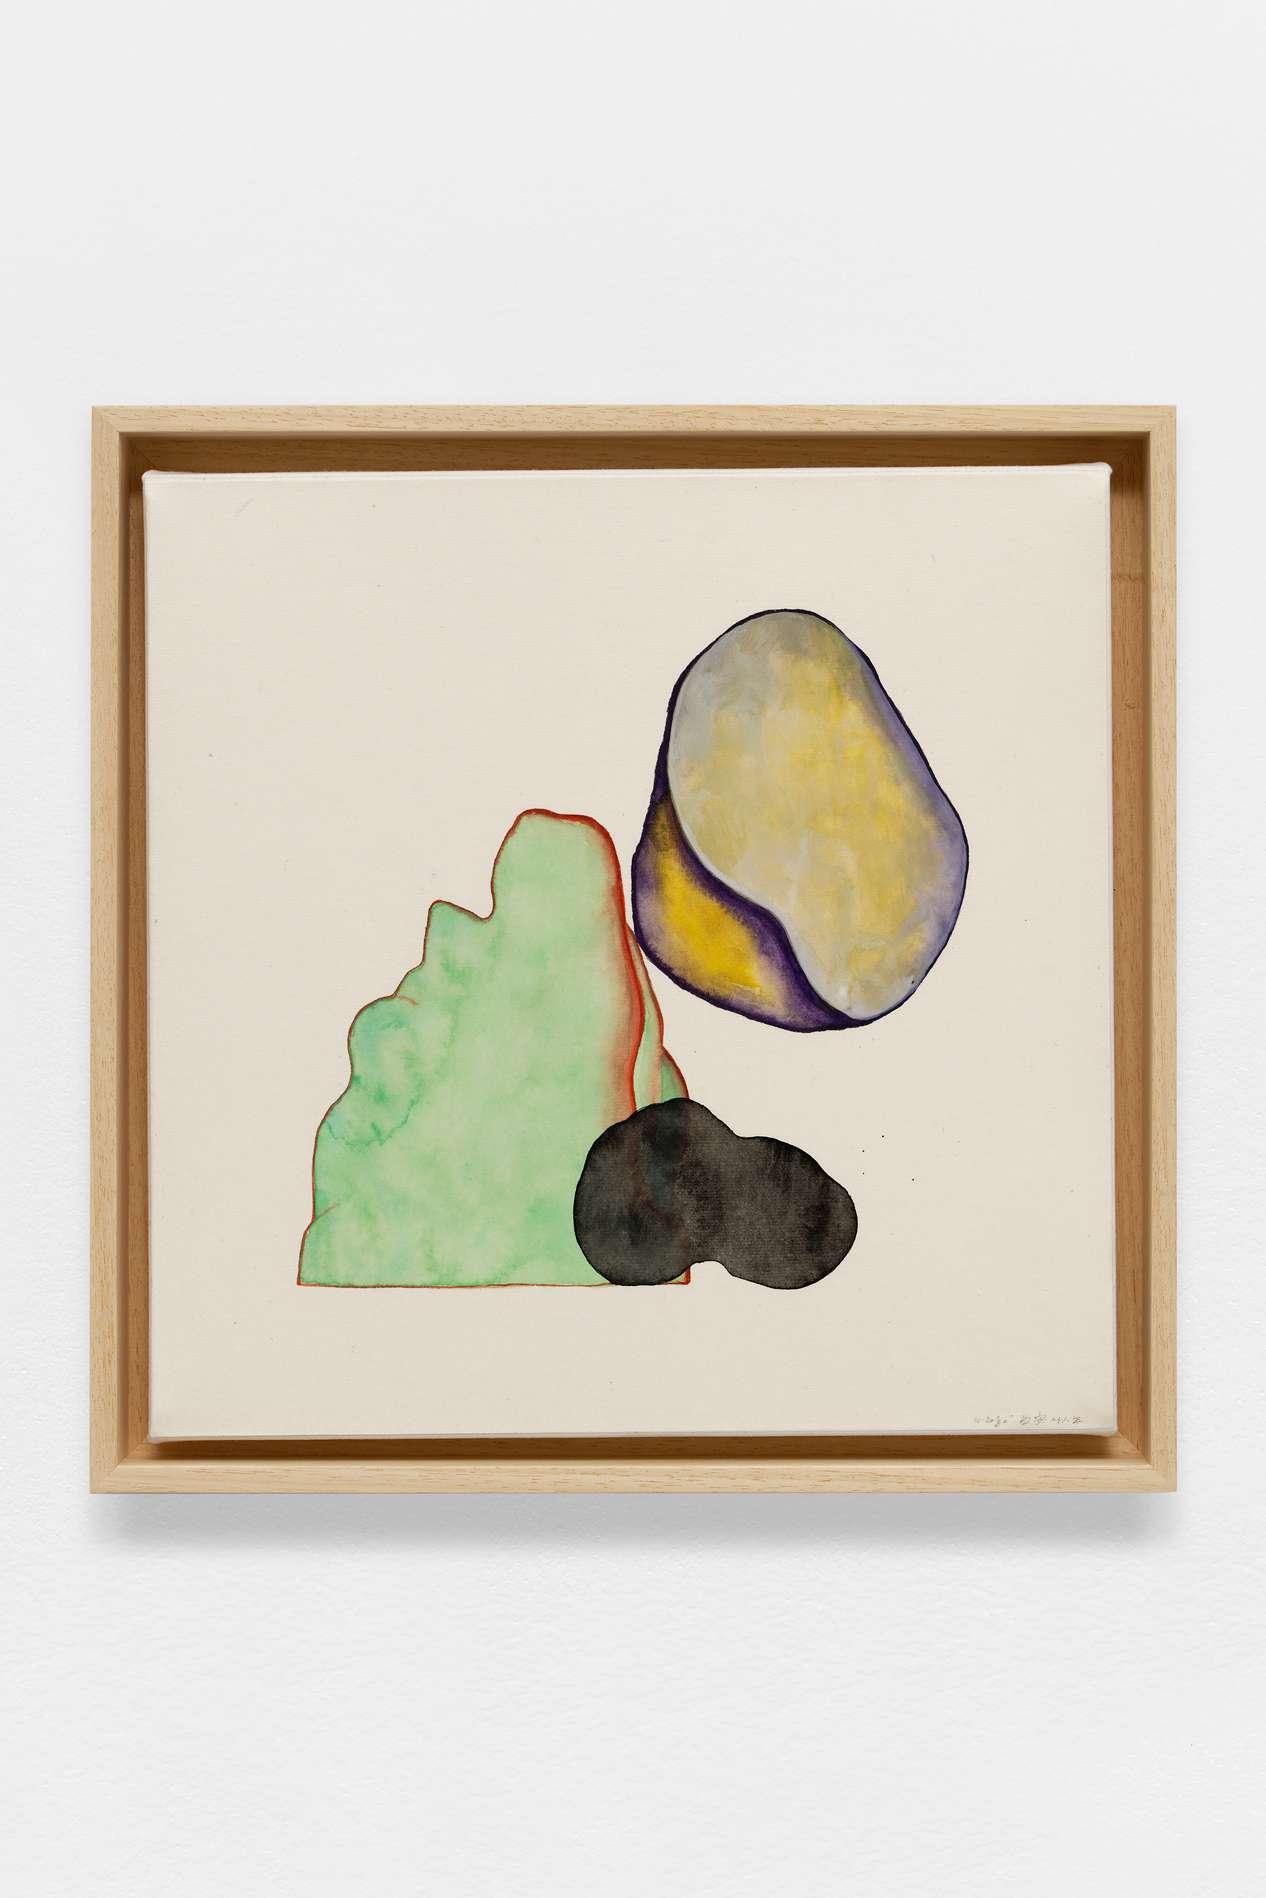 Guillaume Dégé, Sans titre, 2018 Gouache sur papier chinois contrecollé sur toile32.5 x 31cm / 12 6/8 x 12 2/8inches